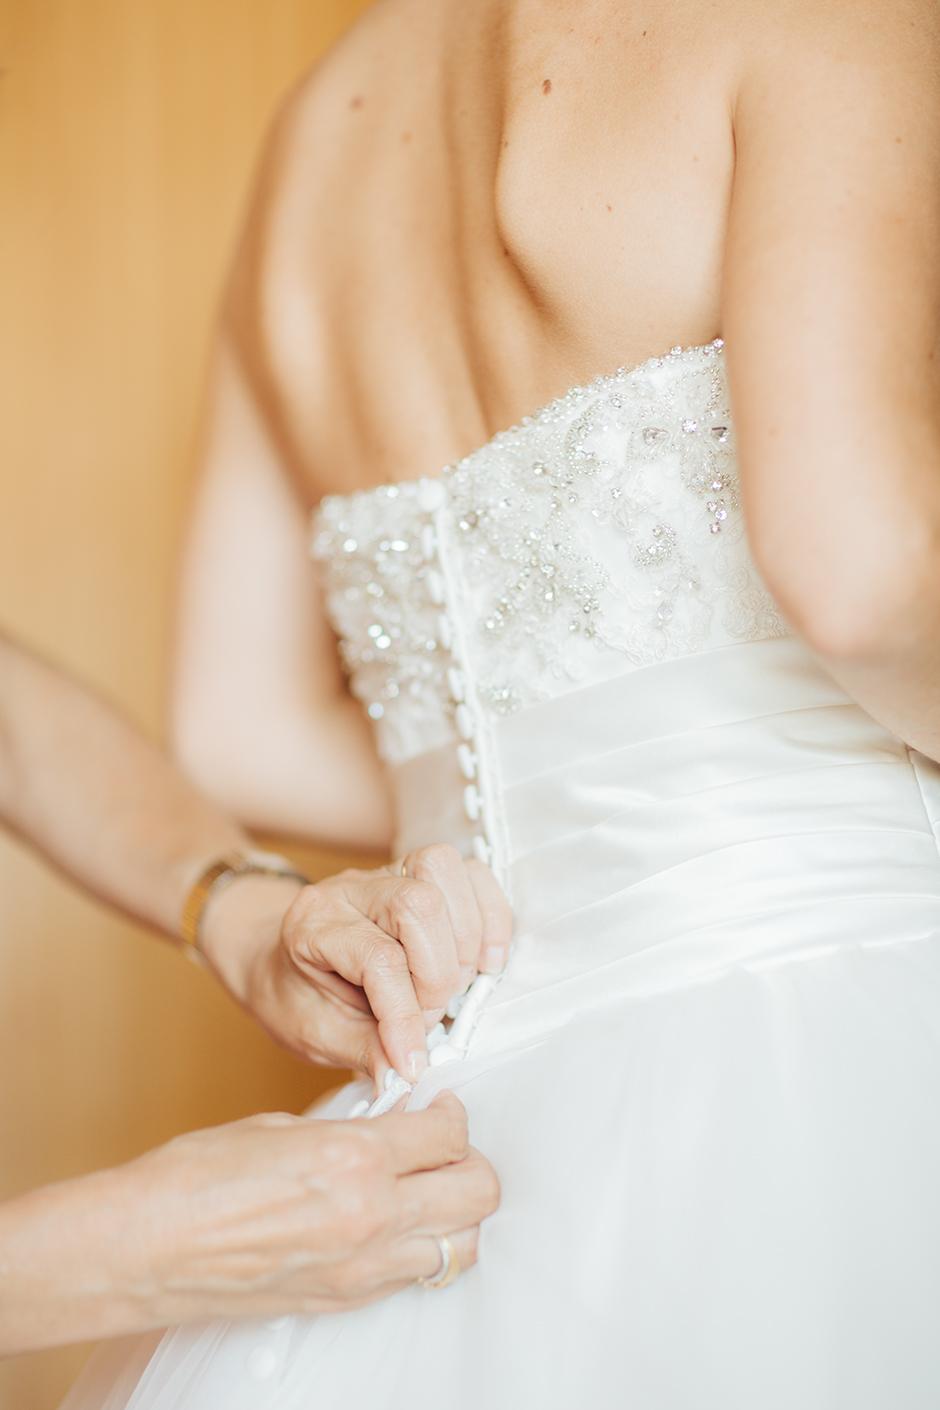 Wedding Casamento Jaime Neto Photography S+S Maio 2015_021